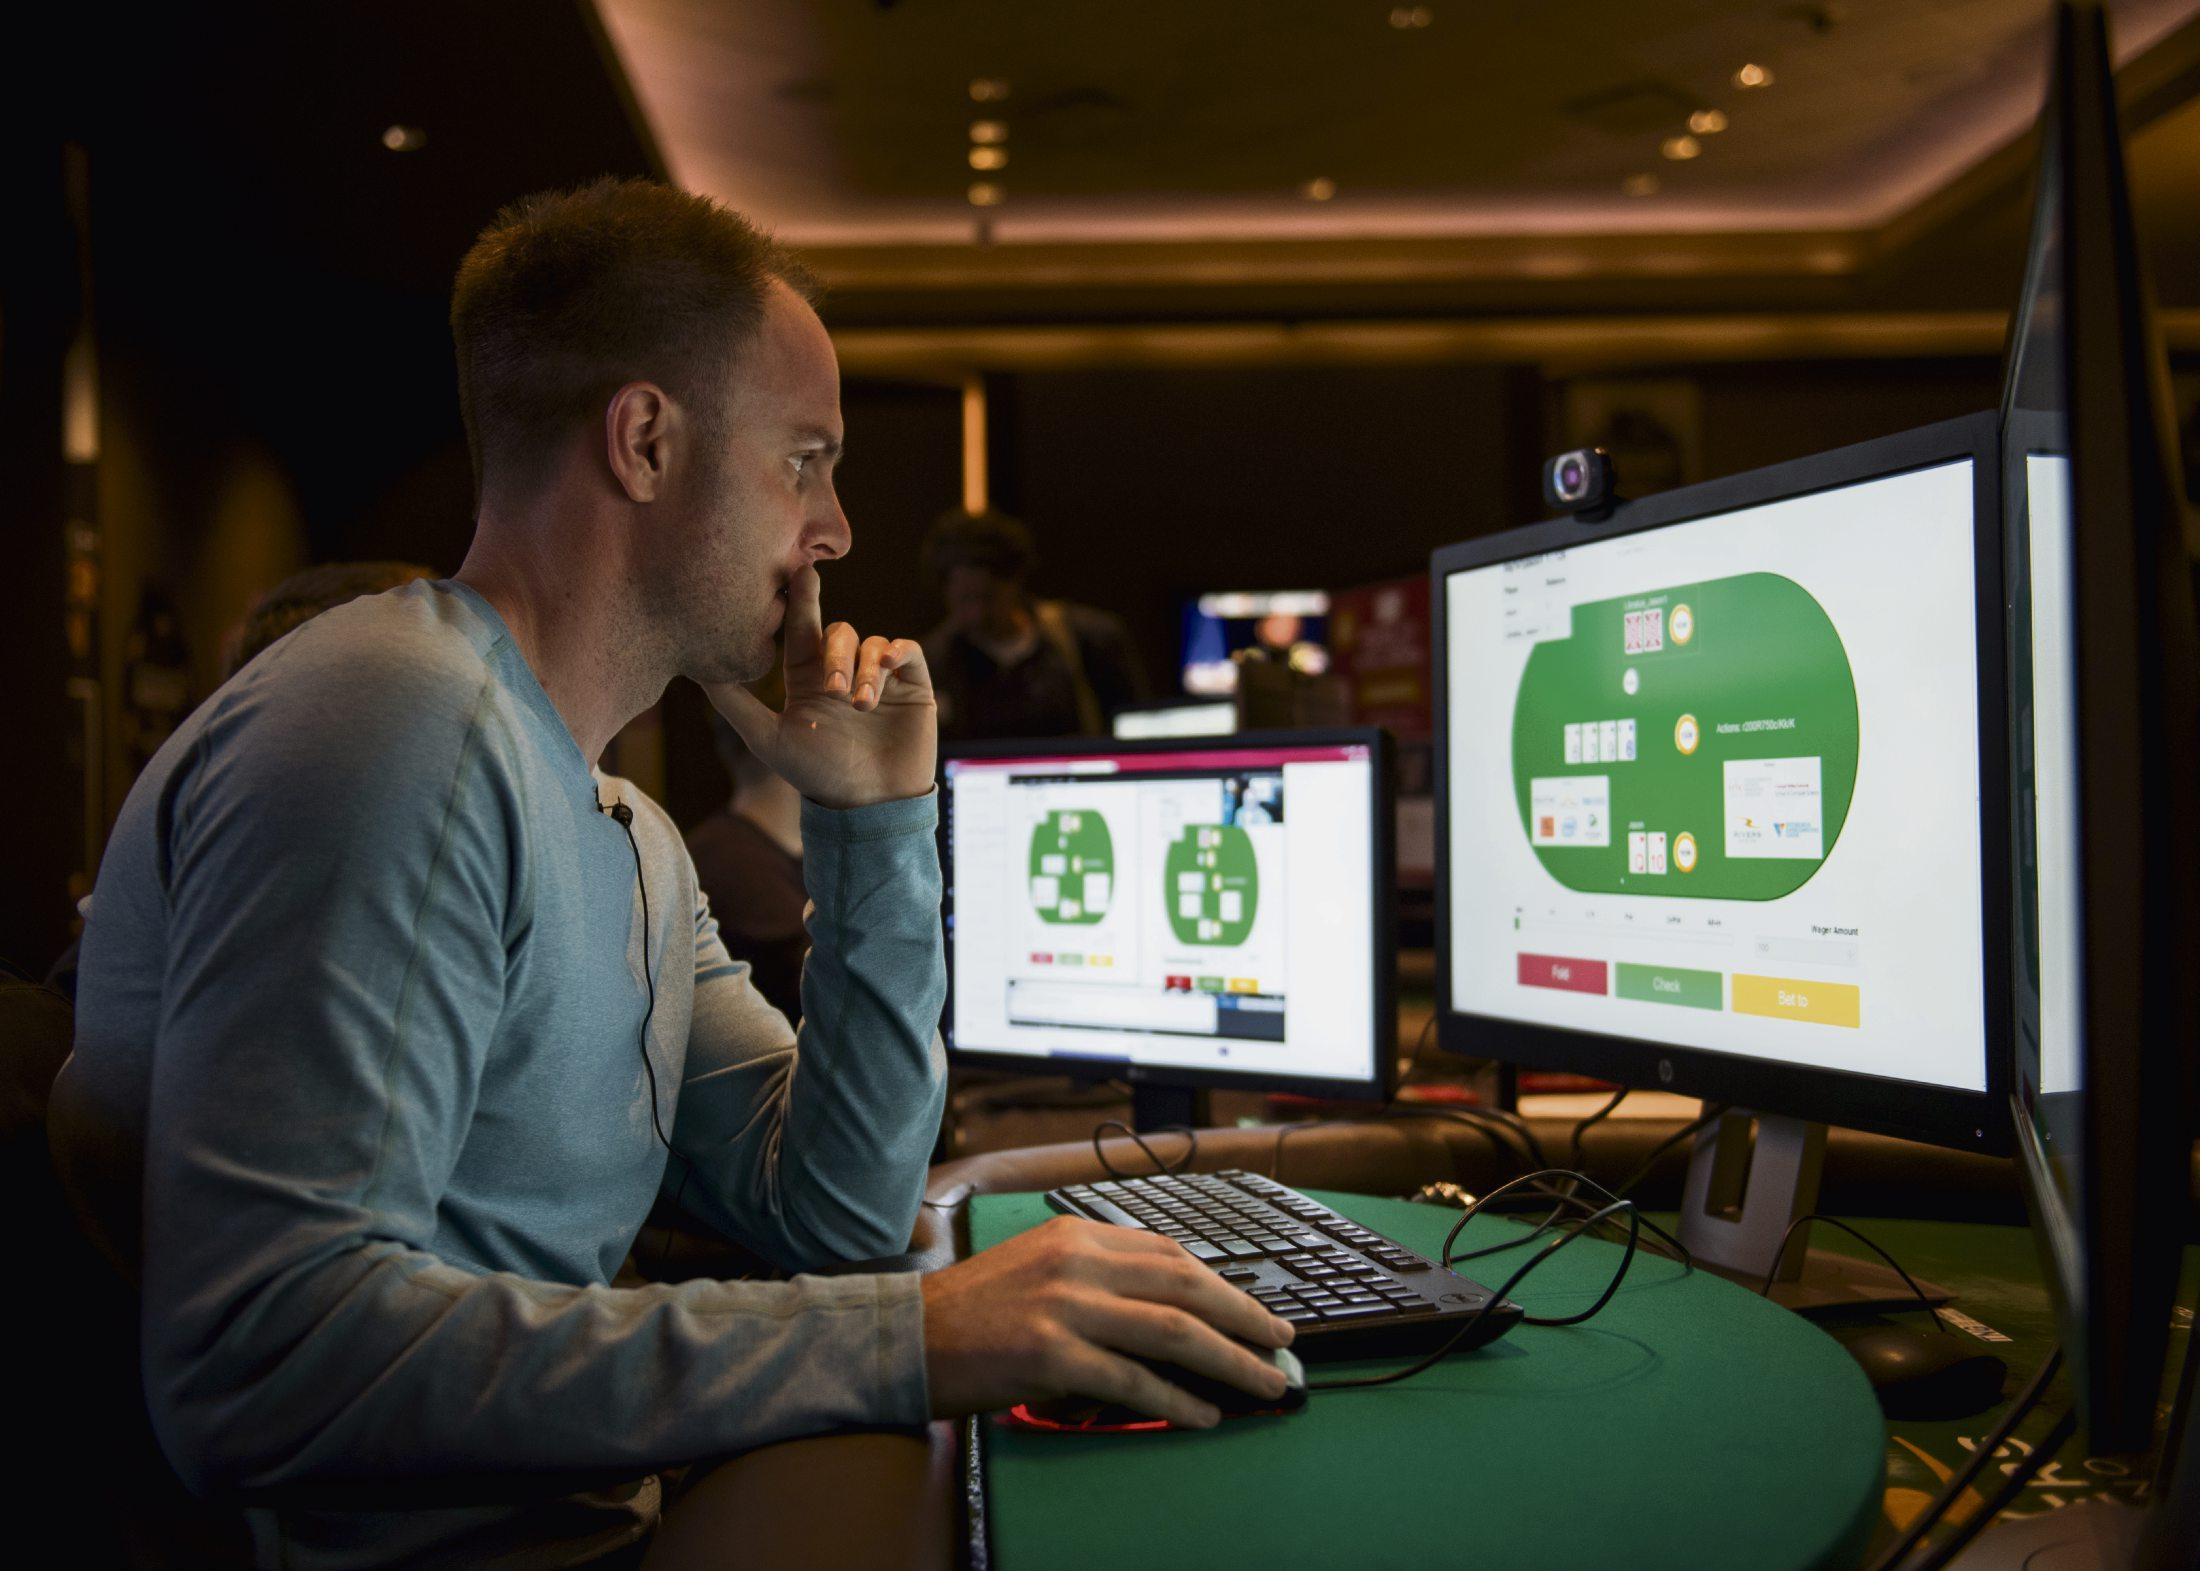 Взять и победить: ИИ выиграл покерный турнир у четырех профи - 1